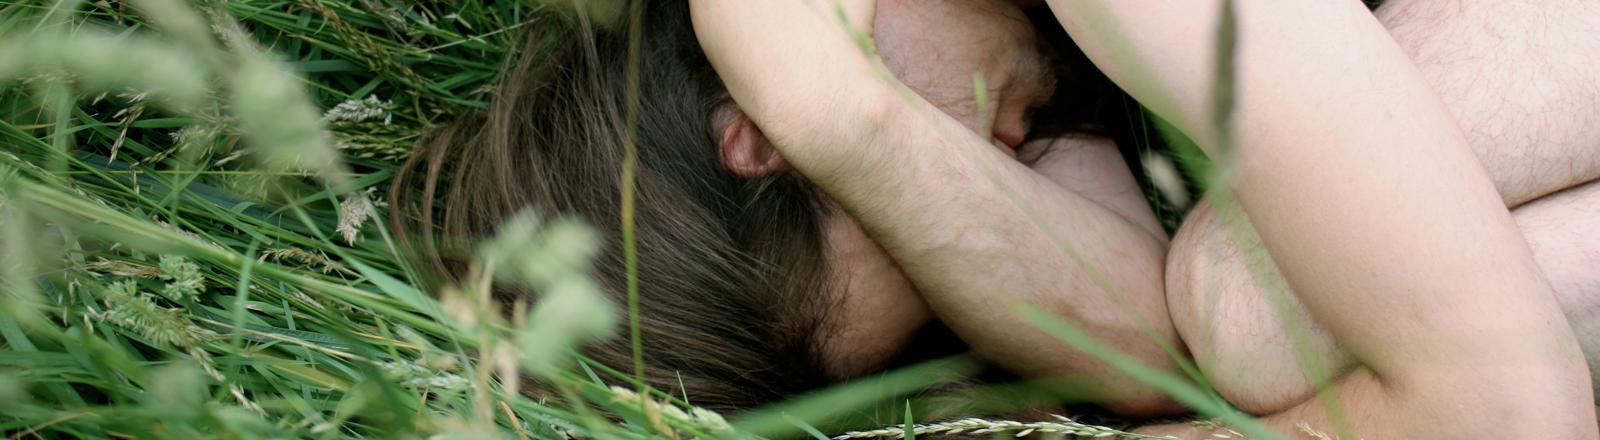 Ein nackter Mann im Gras